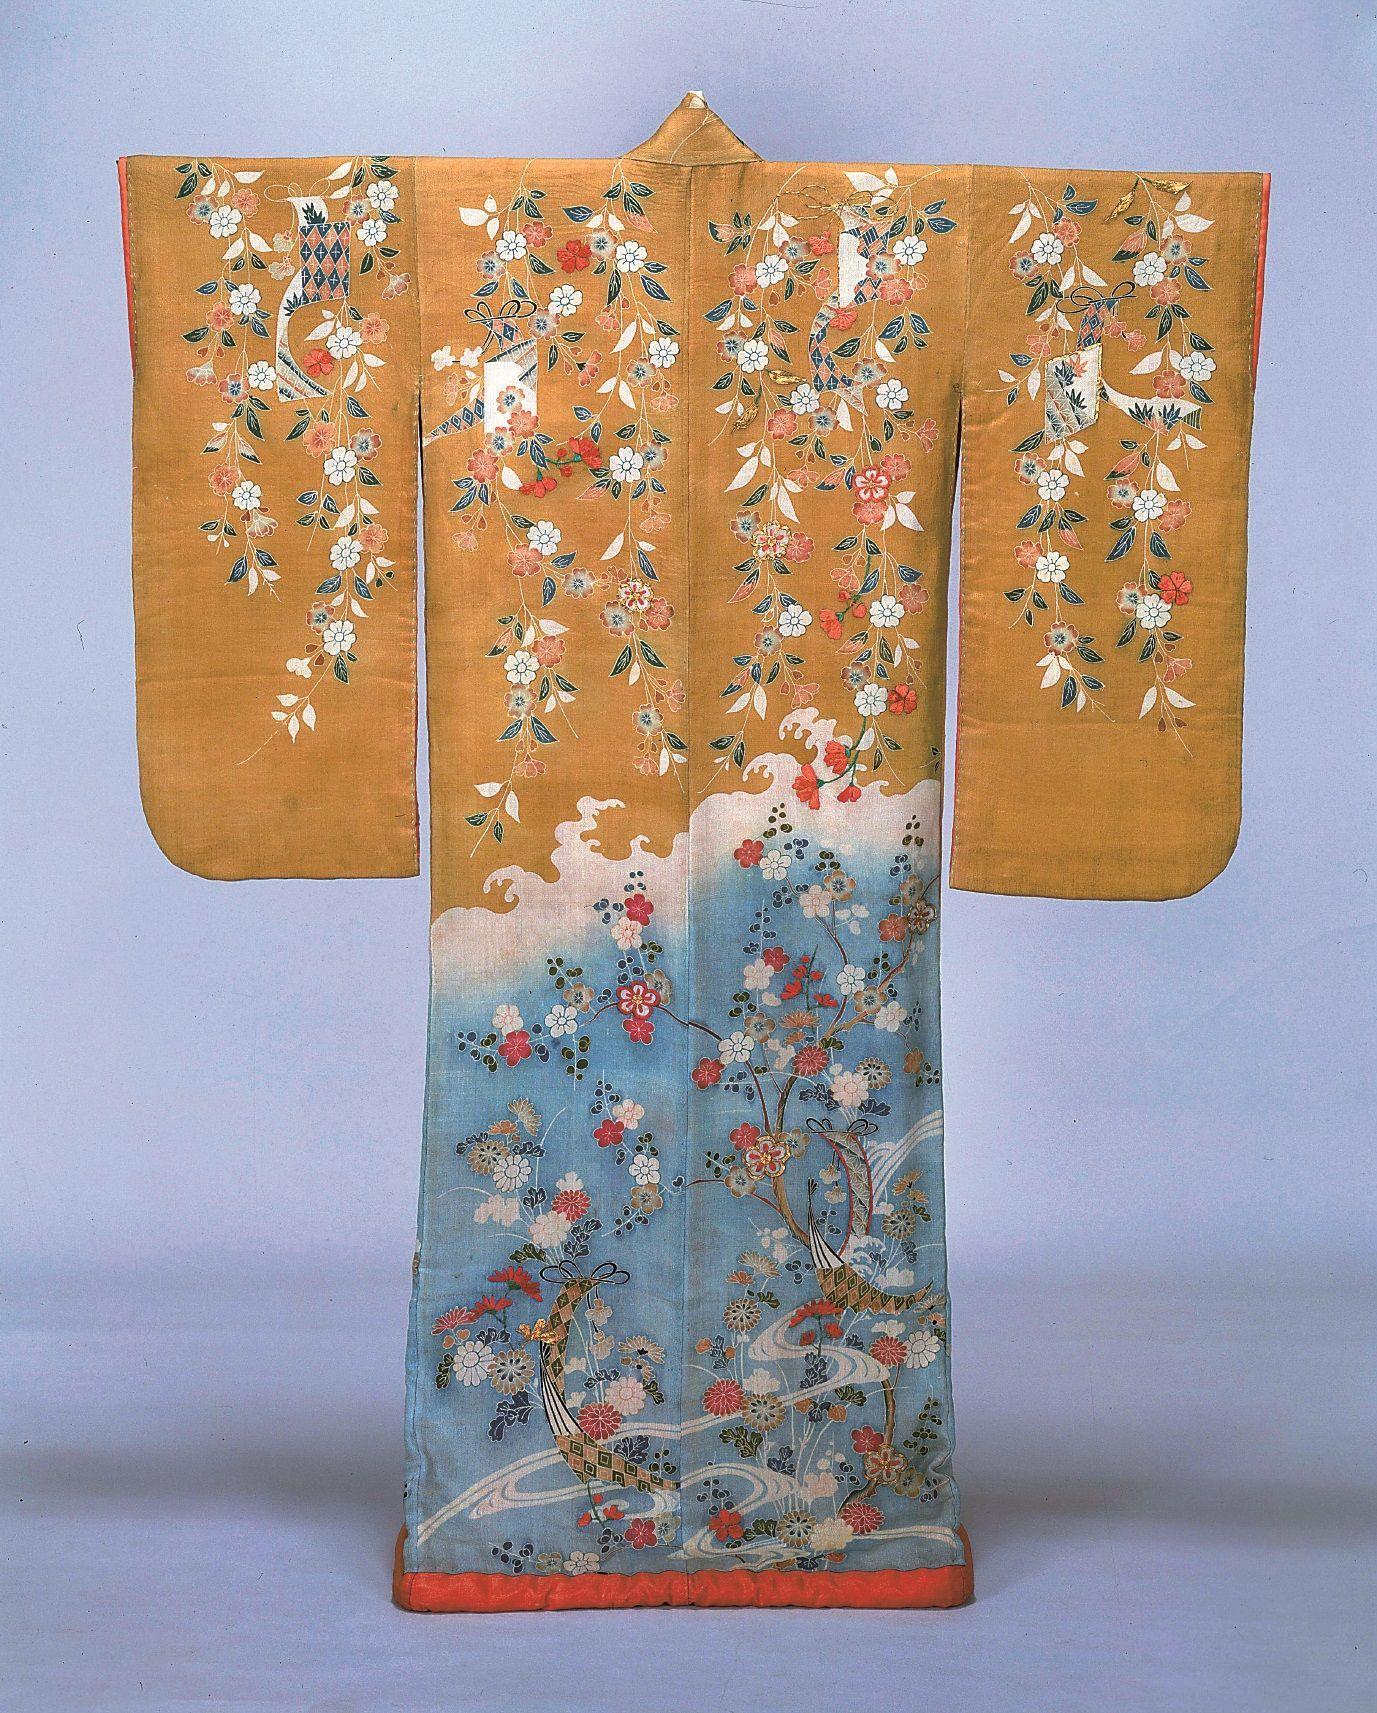 振袖 染分縮緬地枝垂桜菊短冊模様 江戸時代・18世紀  本館10室